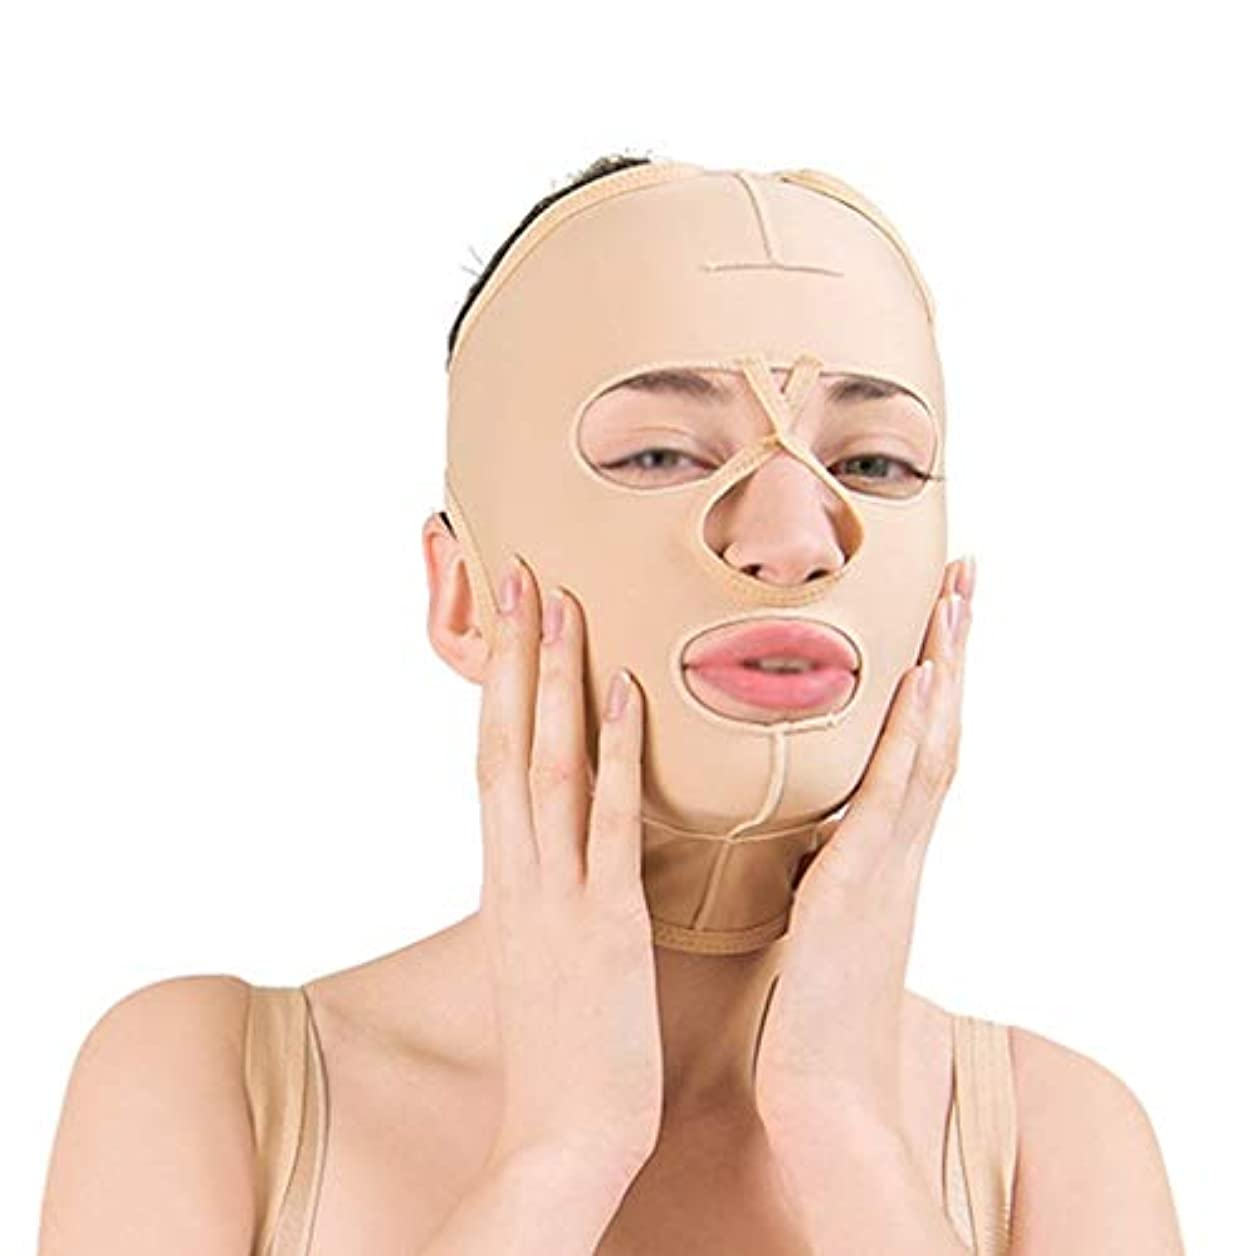 老人シルエット近傍フェイススリミングマスク、フェイスバンデージ付きフェイシャル減量マスク、通気性フェイスリフト、引き締め、フェイスリフティング(サイズ:L),S